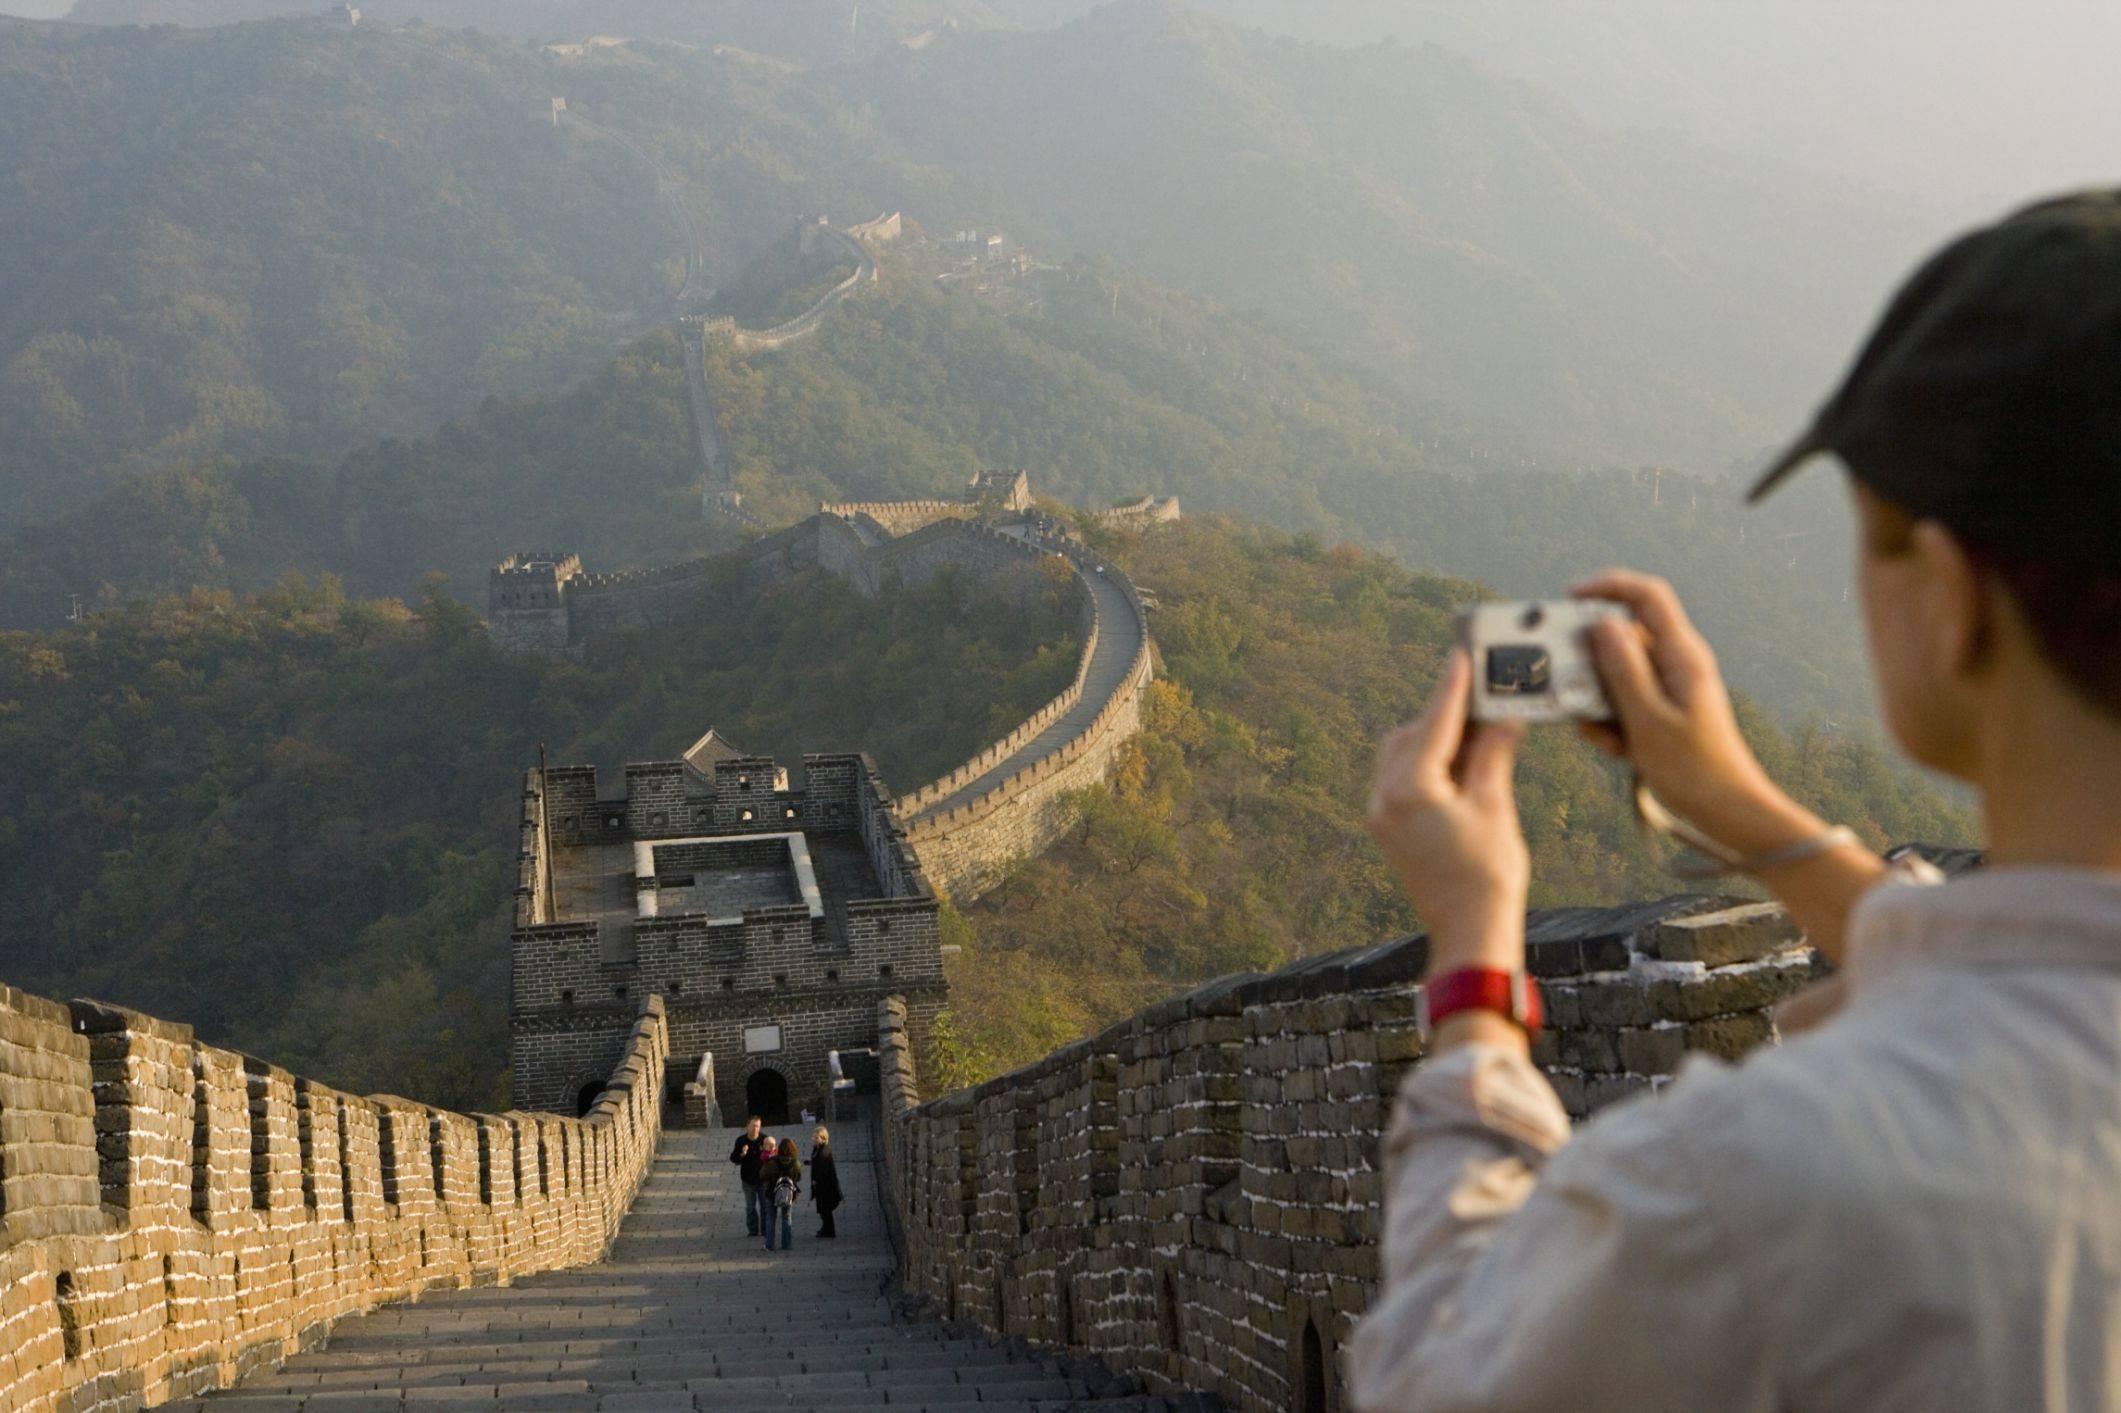 Великая китайская стена — крупнейший памятник архитектуры в мире